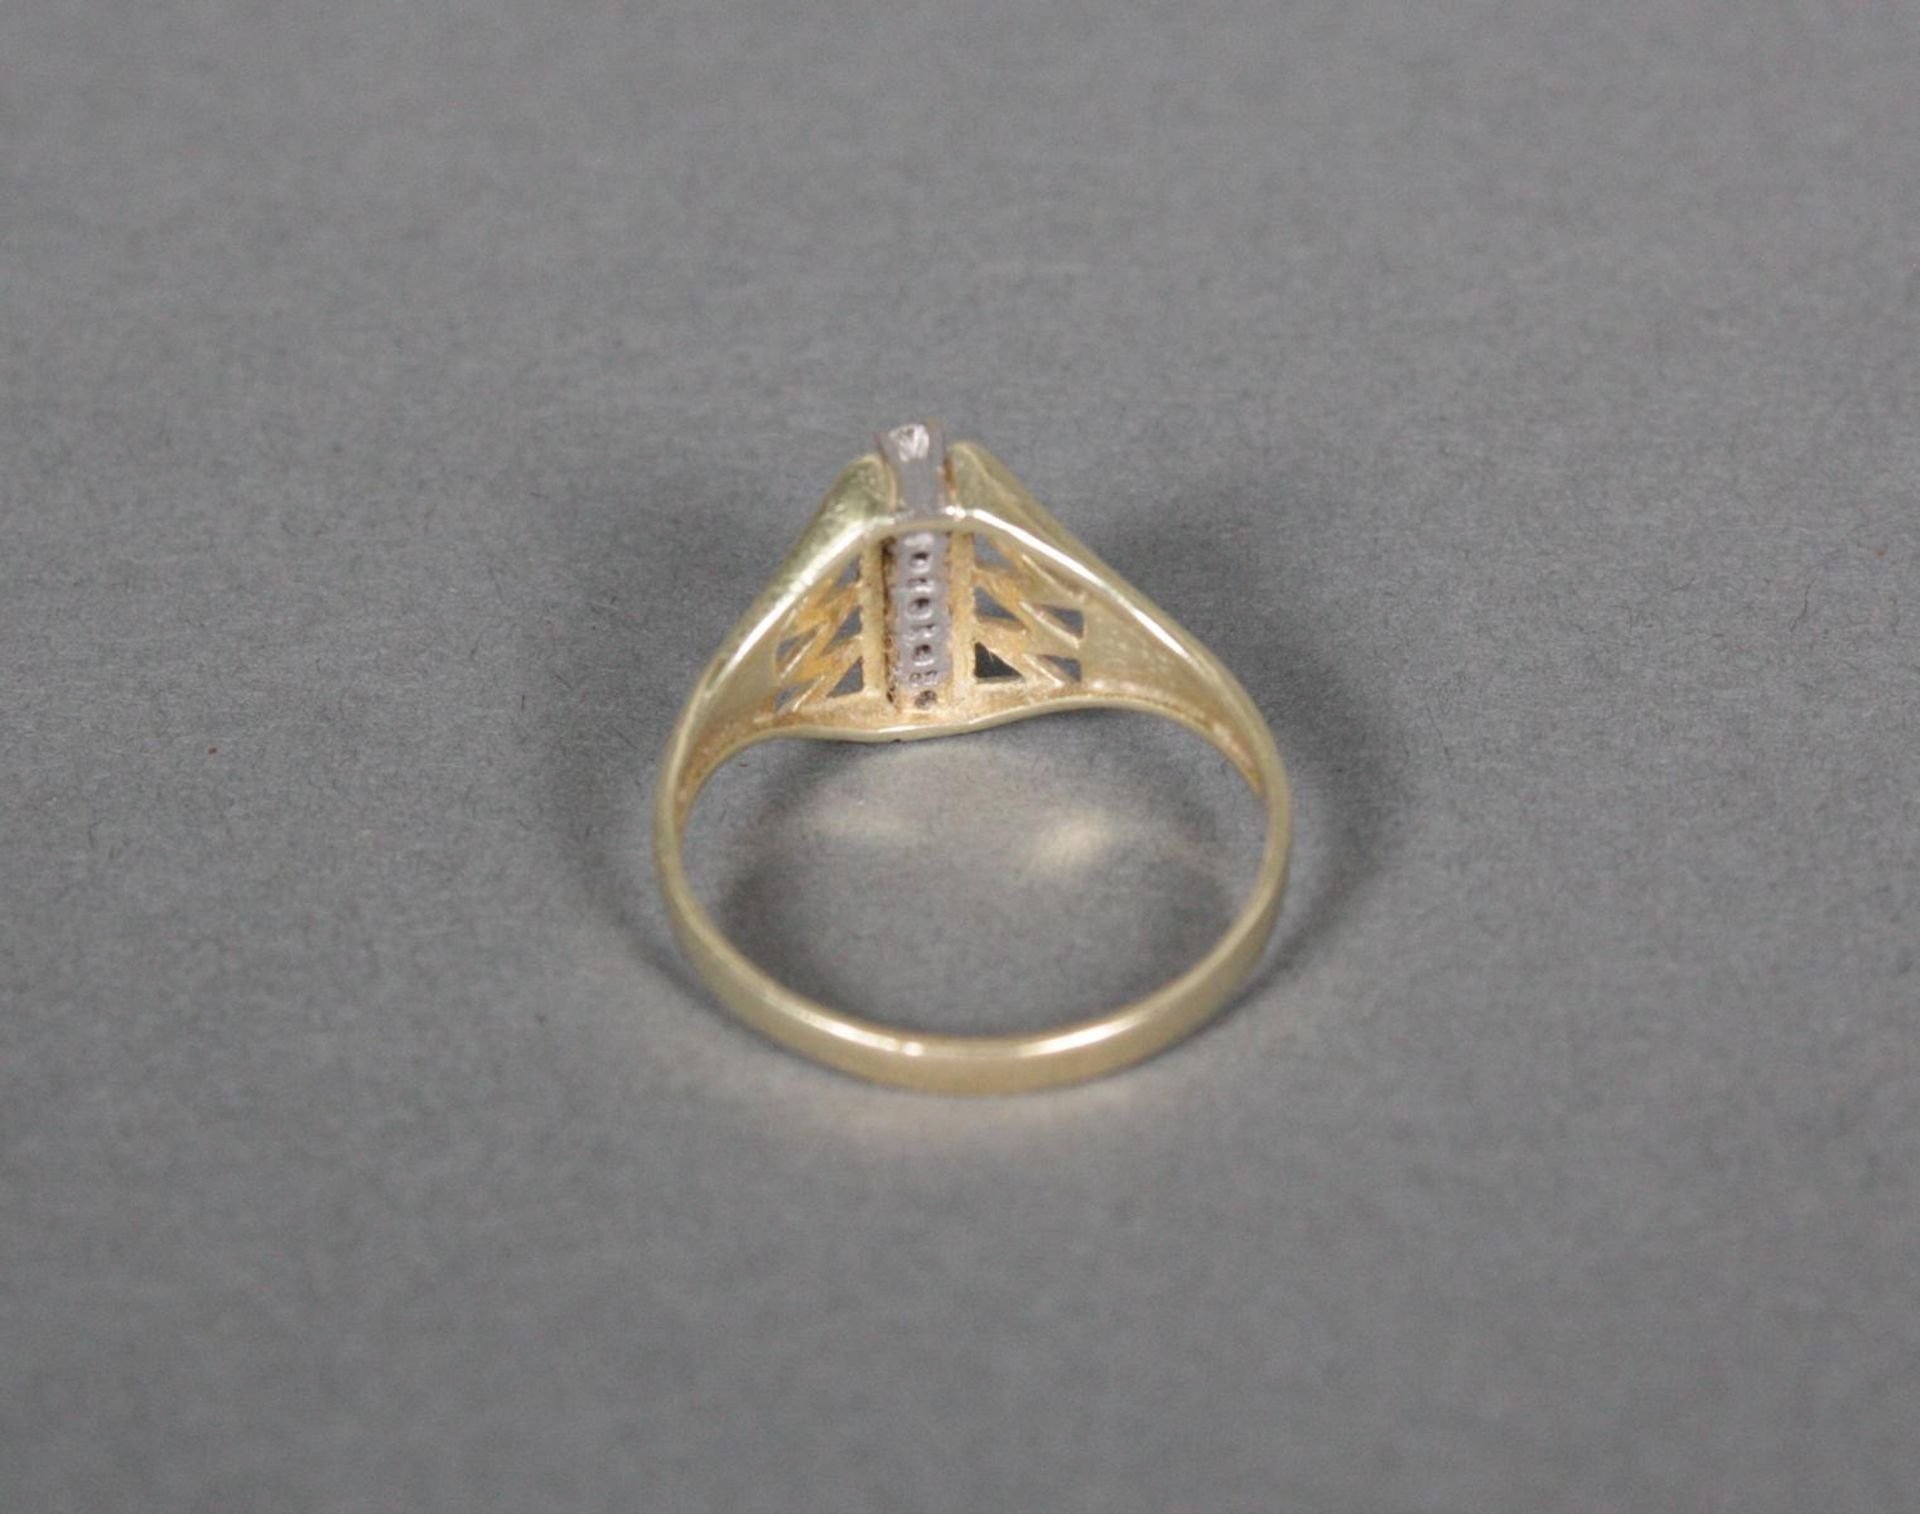 Damenring mit Diamanten, 14 Karat Gelbgold - Bild 3 aus 3